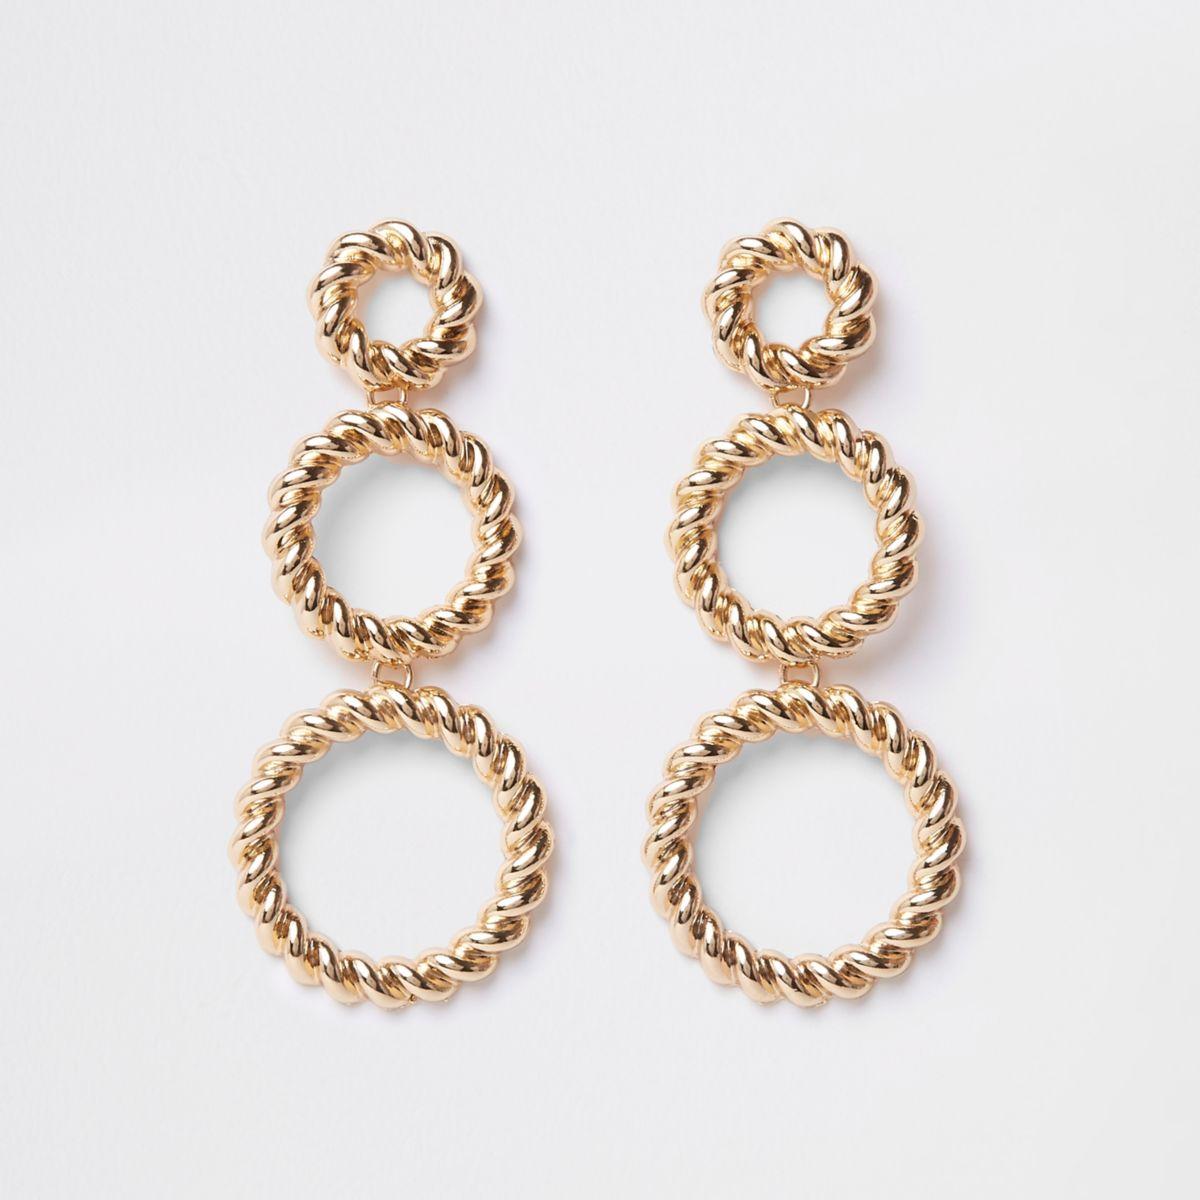 Gold tone triple twist hoop earrings